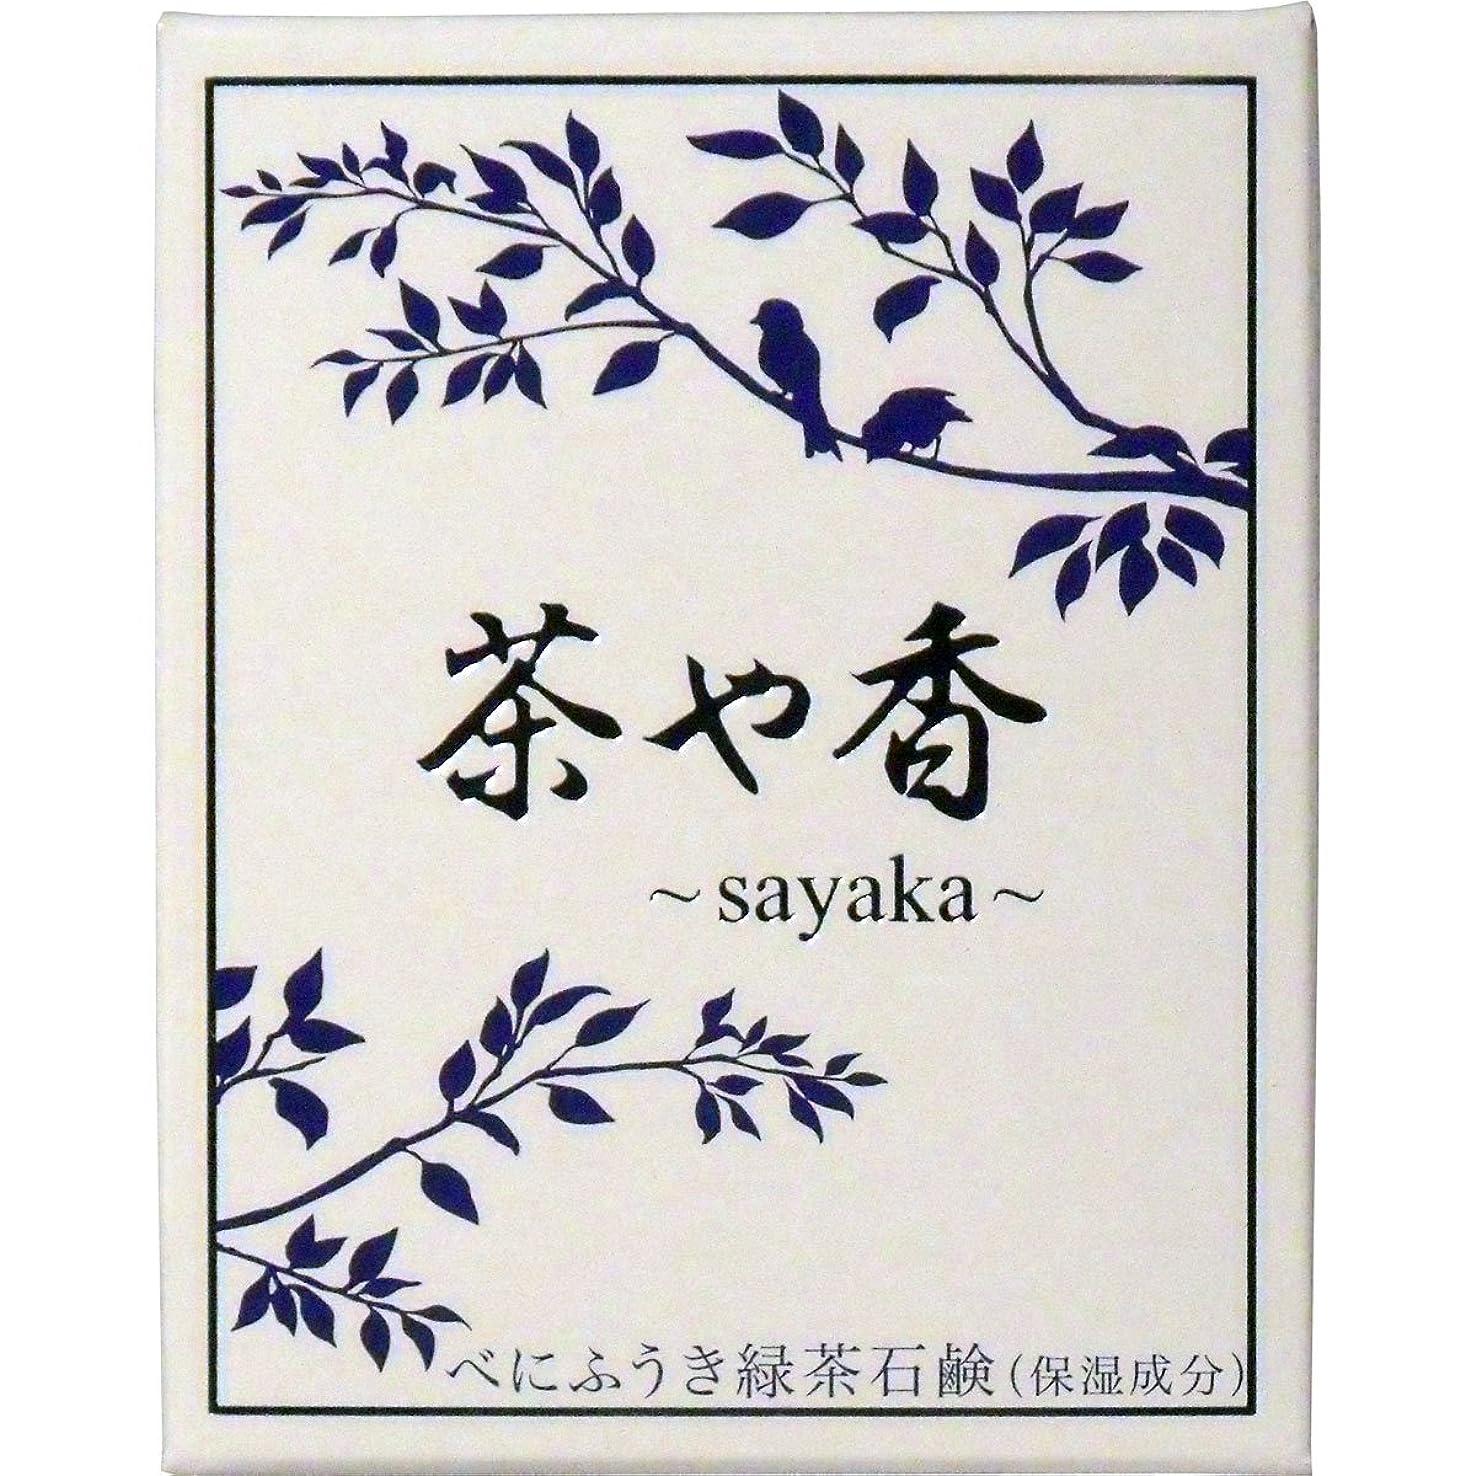 ケイ素ドレイン焦げ茶や香 -sayaka- べにふうき緑茶石鹸 100g入 ×5個セット